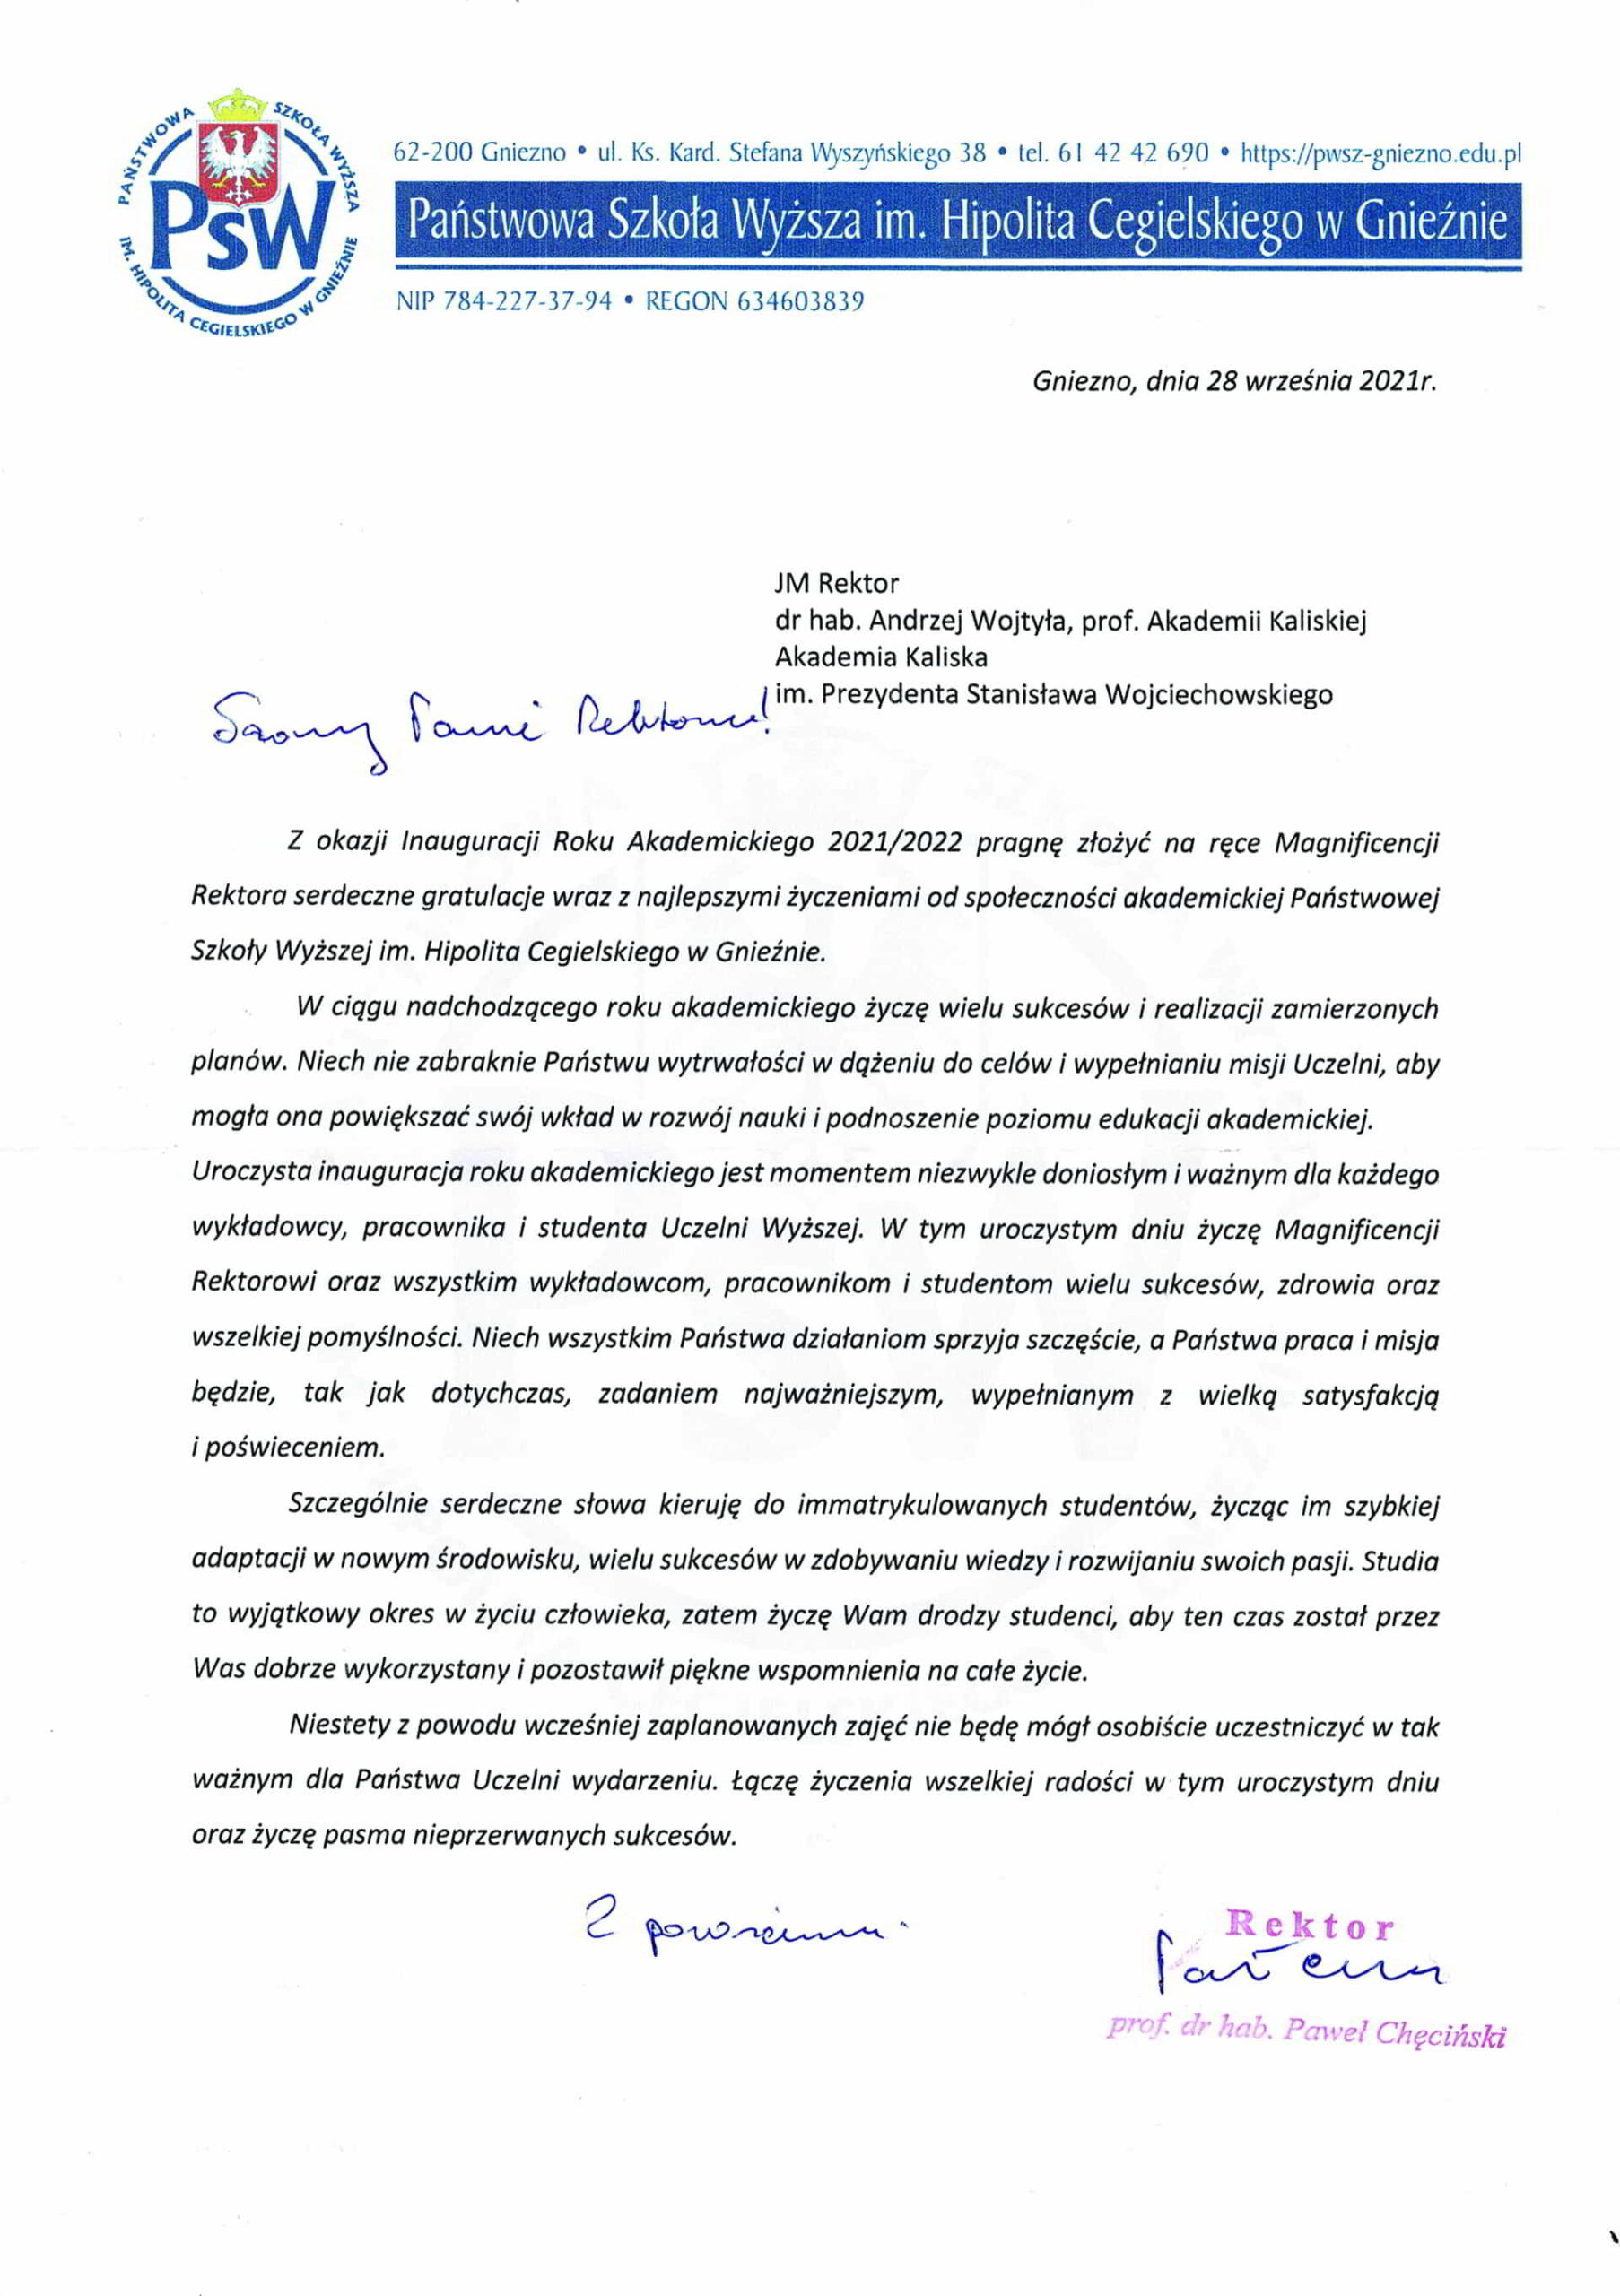 życzenia inauguracja roku akademickiego 2021/2022 Rektor PSW w Gnieźnie